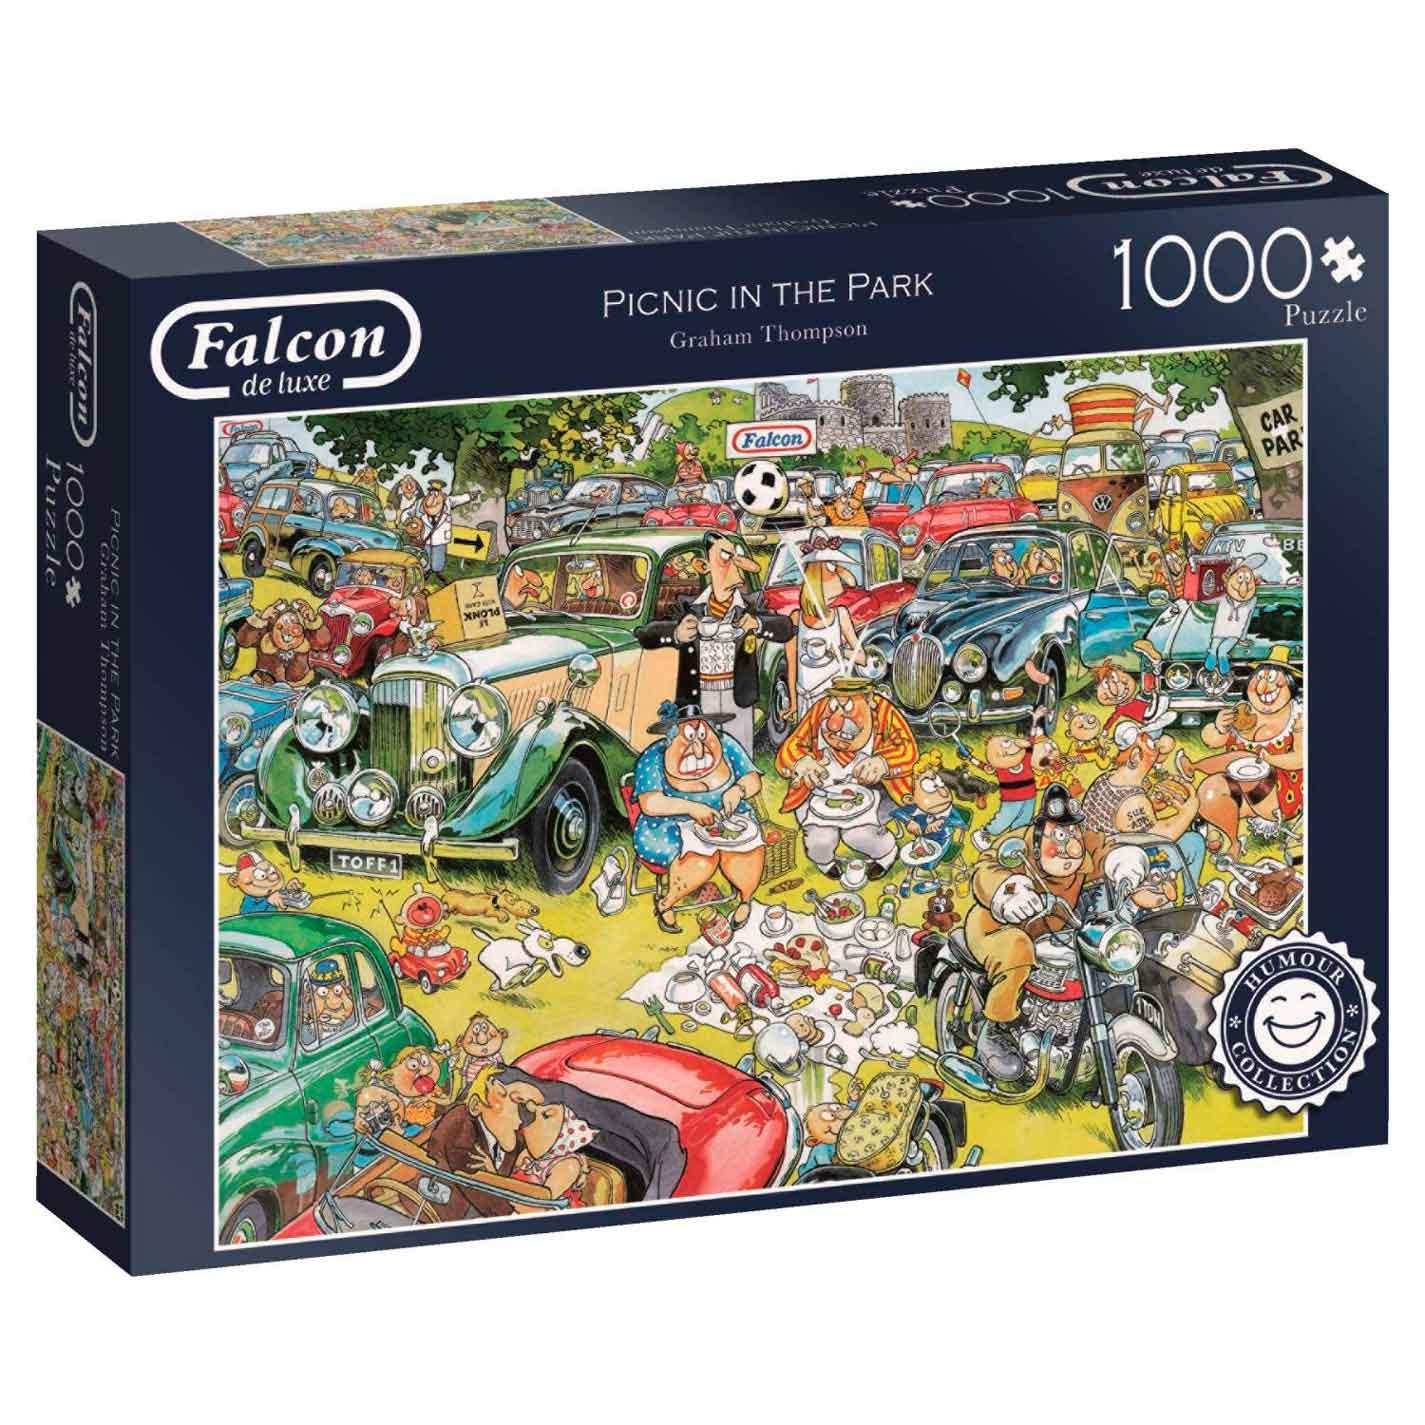 Puzzle Falcon Picnic en el Parque de 1000 Piezas